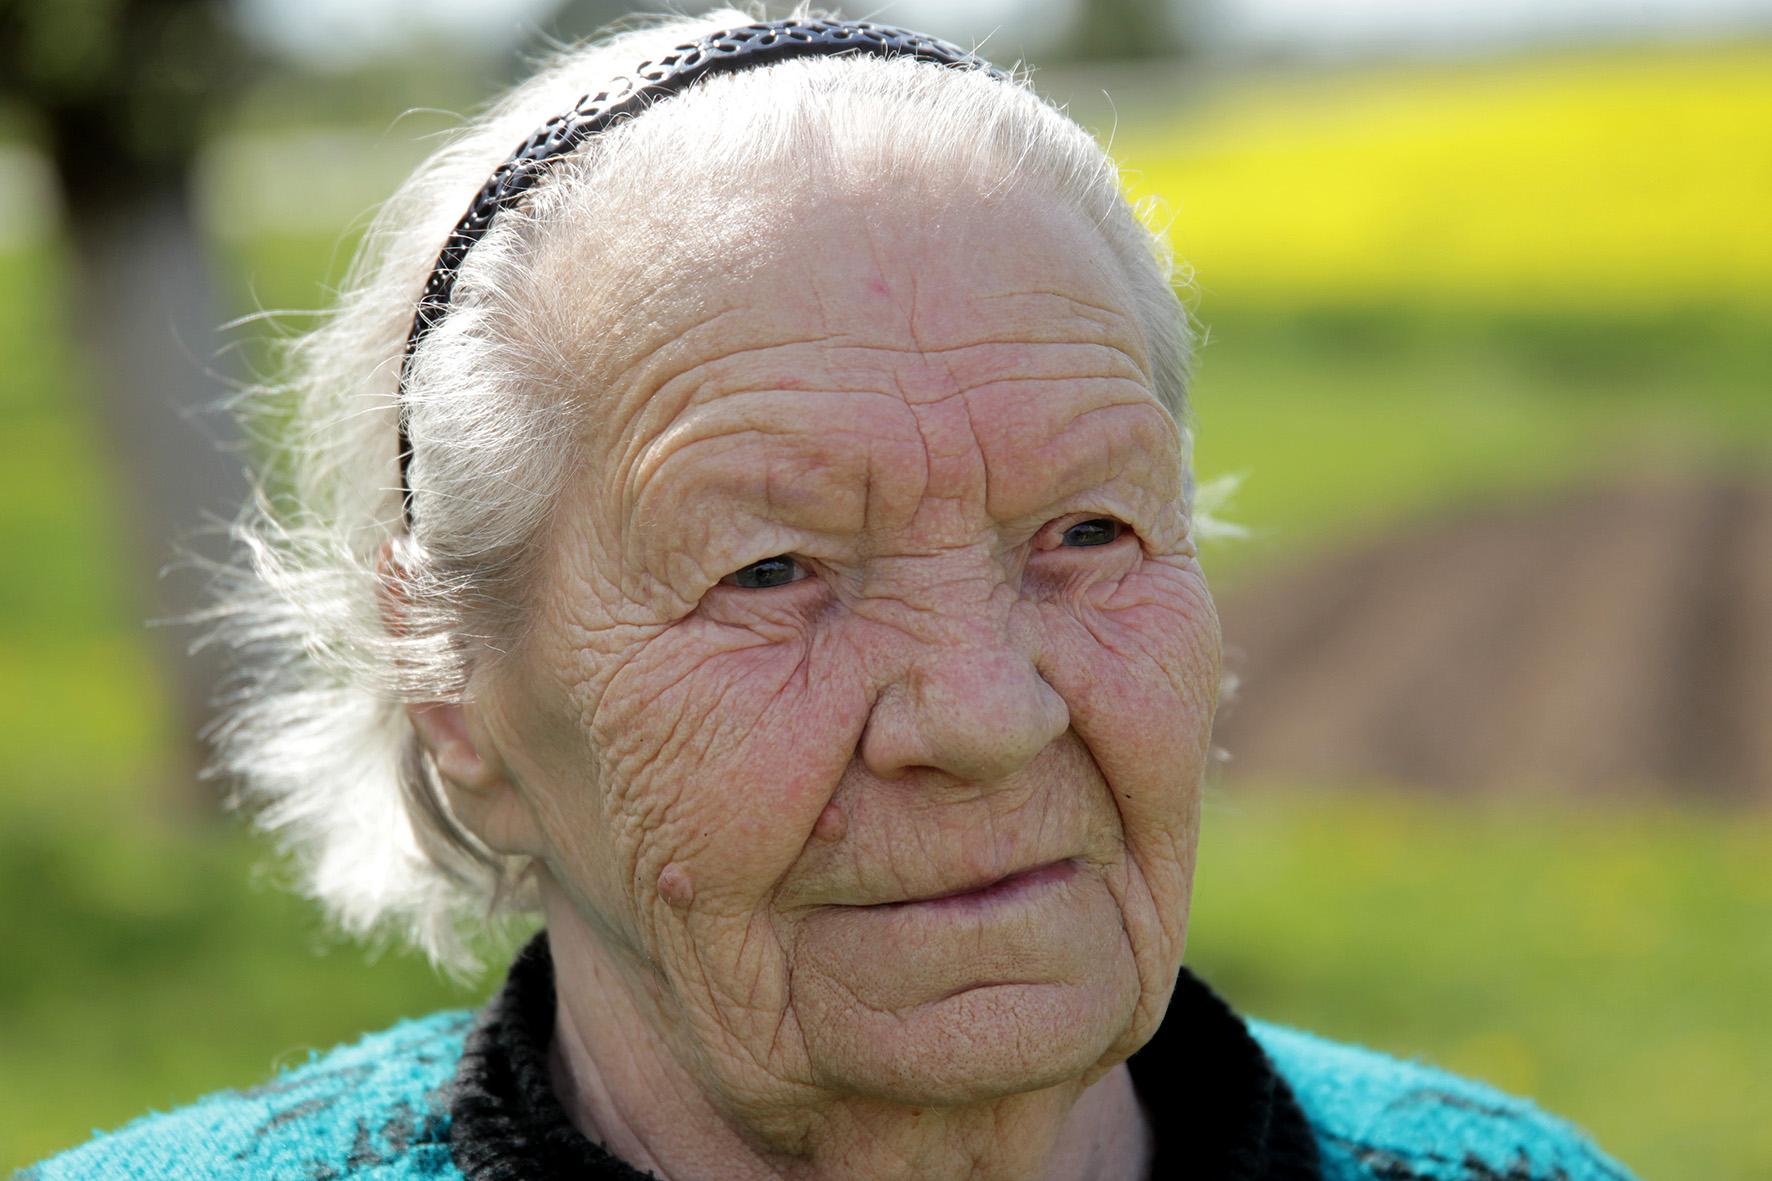 90-ąjį gimtadienį gegužės pradžioje atšventusi senjorė Anelė – tikra anciškietė, Truskavos kolūkyje, išdirbusi net 39 metus. A. Barzdžiaus nuotr.